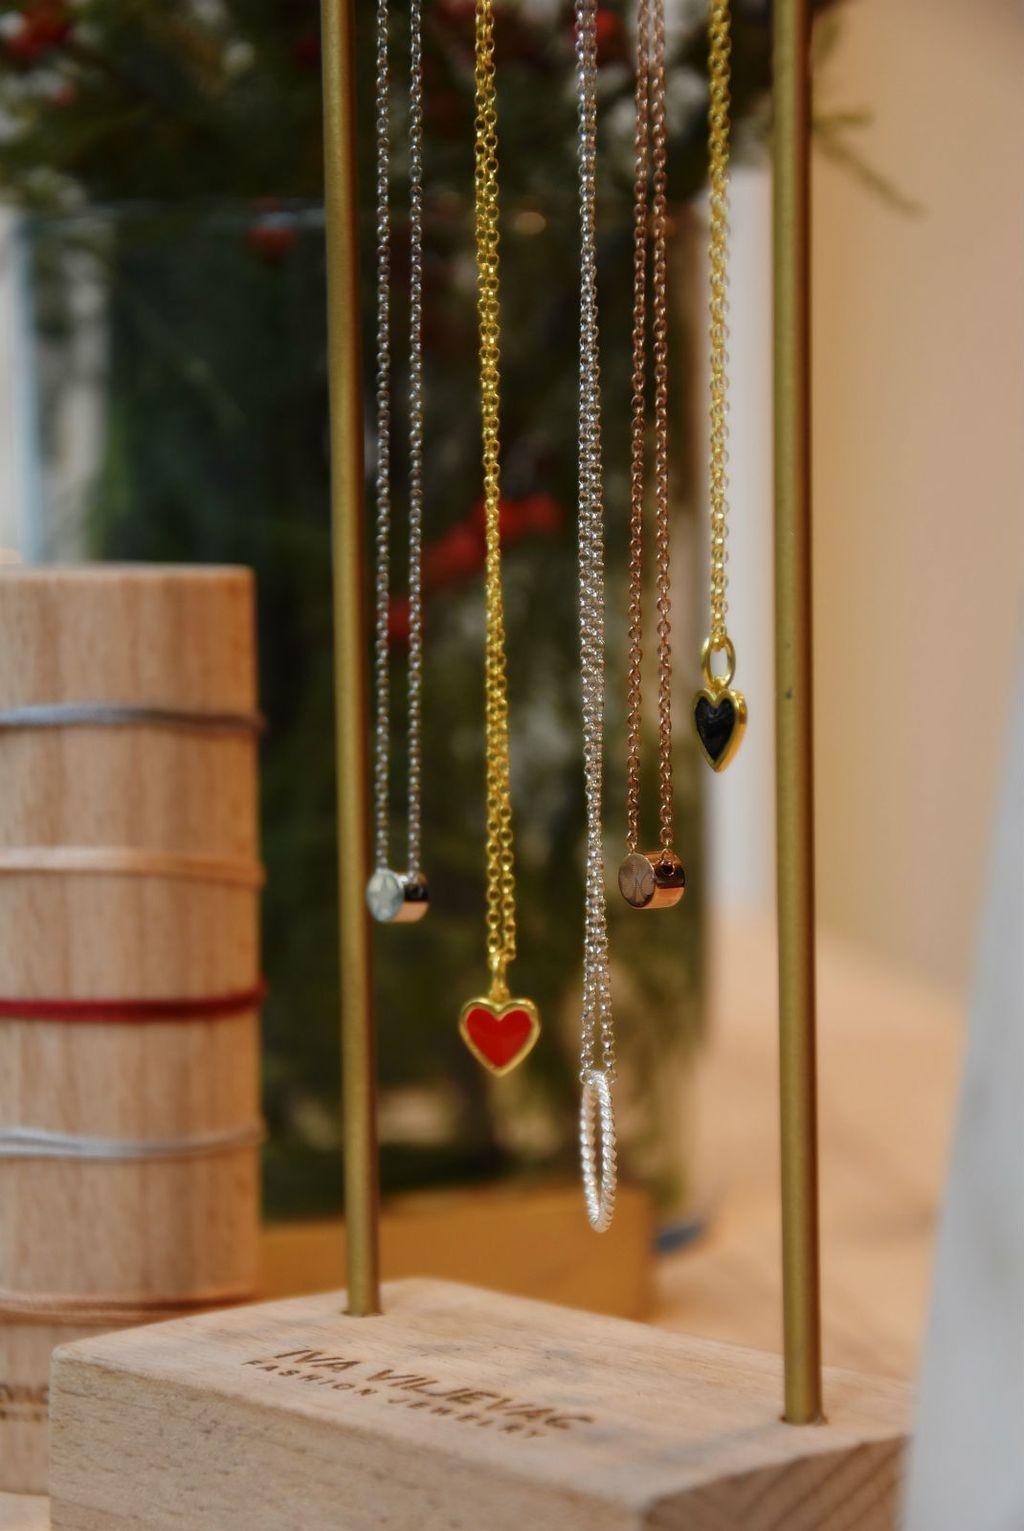 Novouređena prodavaonica nakita mlade dizajnerice Ive Viljevac u centru Zagreba - 11